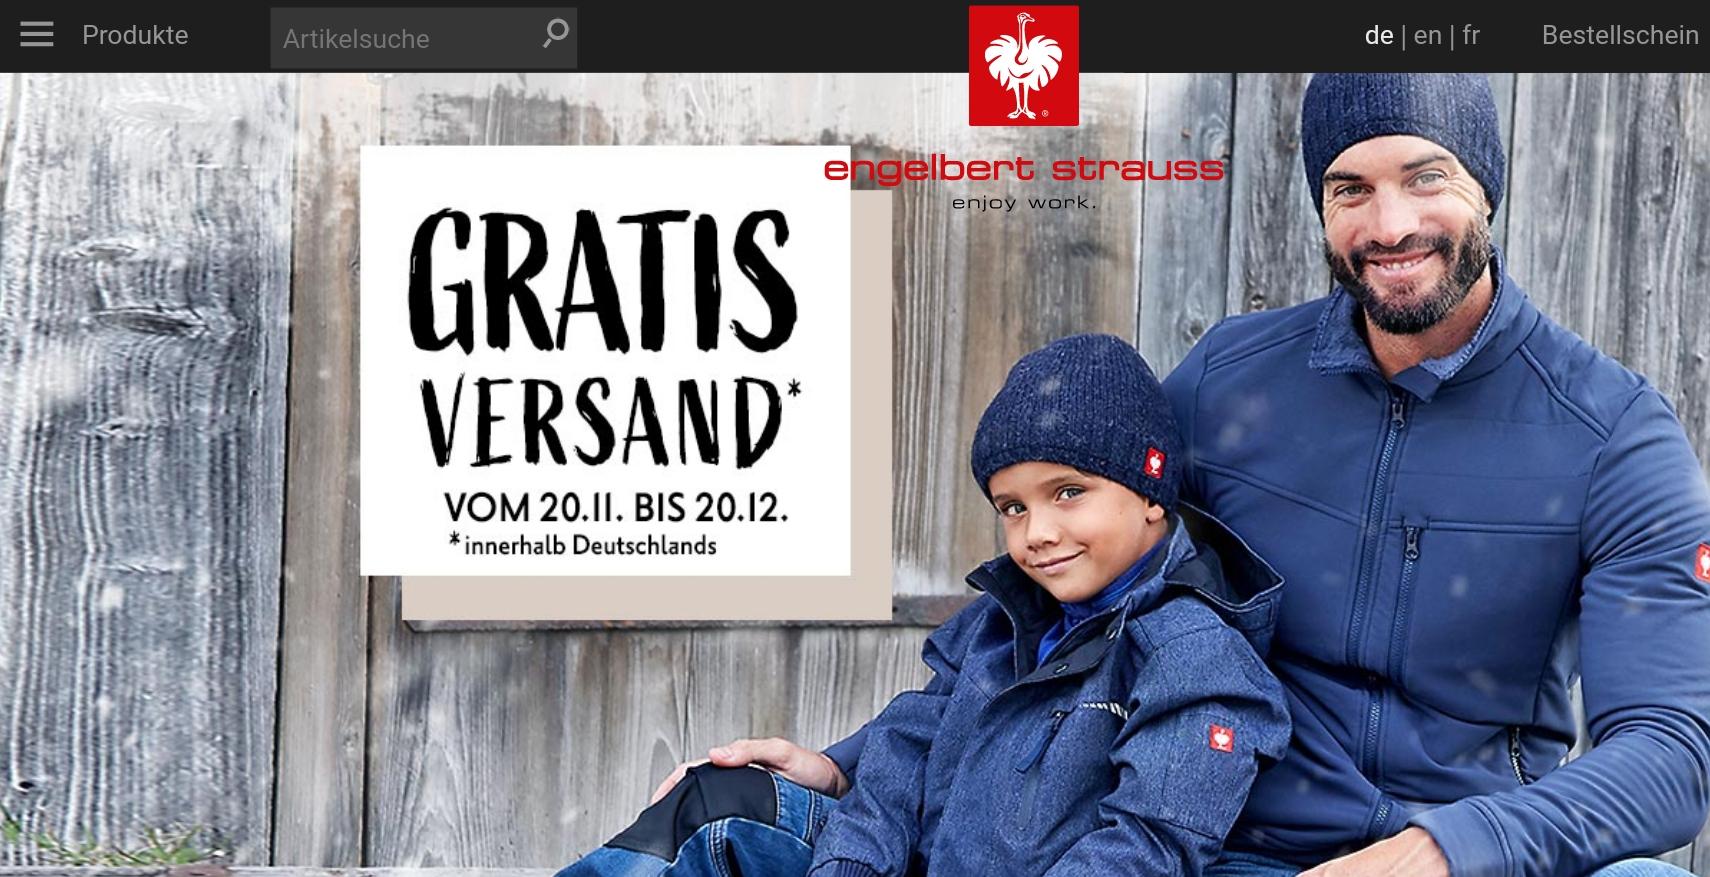 Engelbert Strauss Angebote & Deals ⇒ Oktober 2020